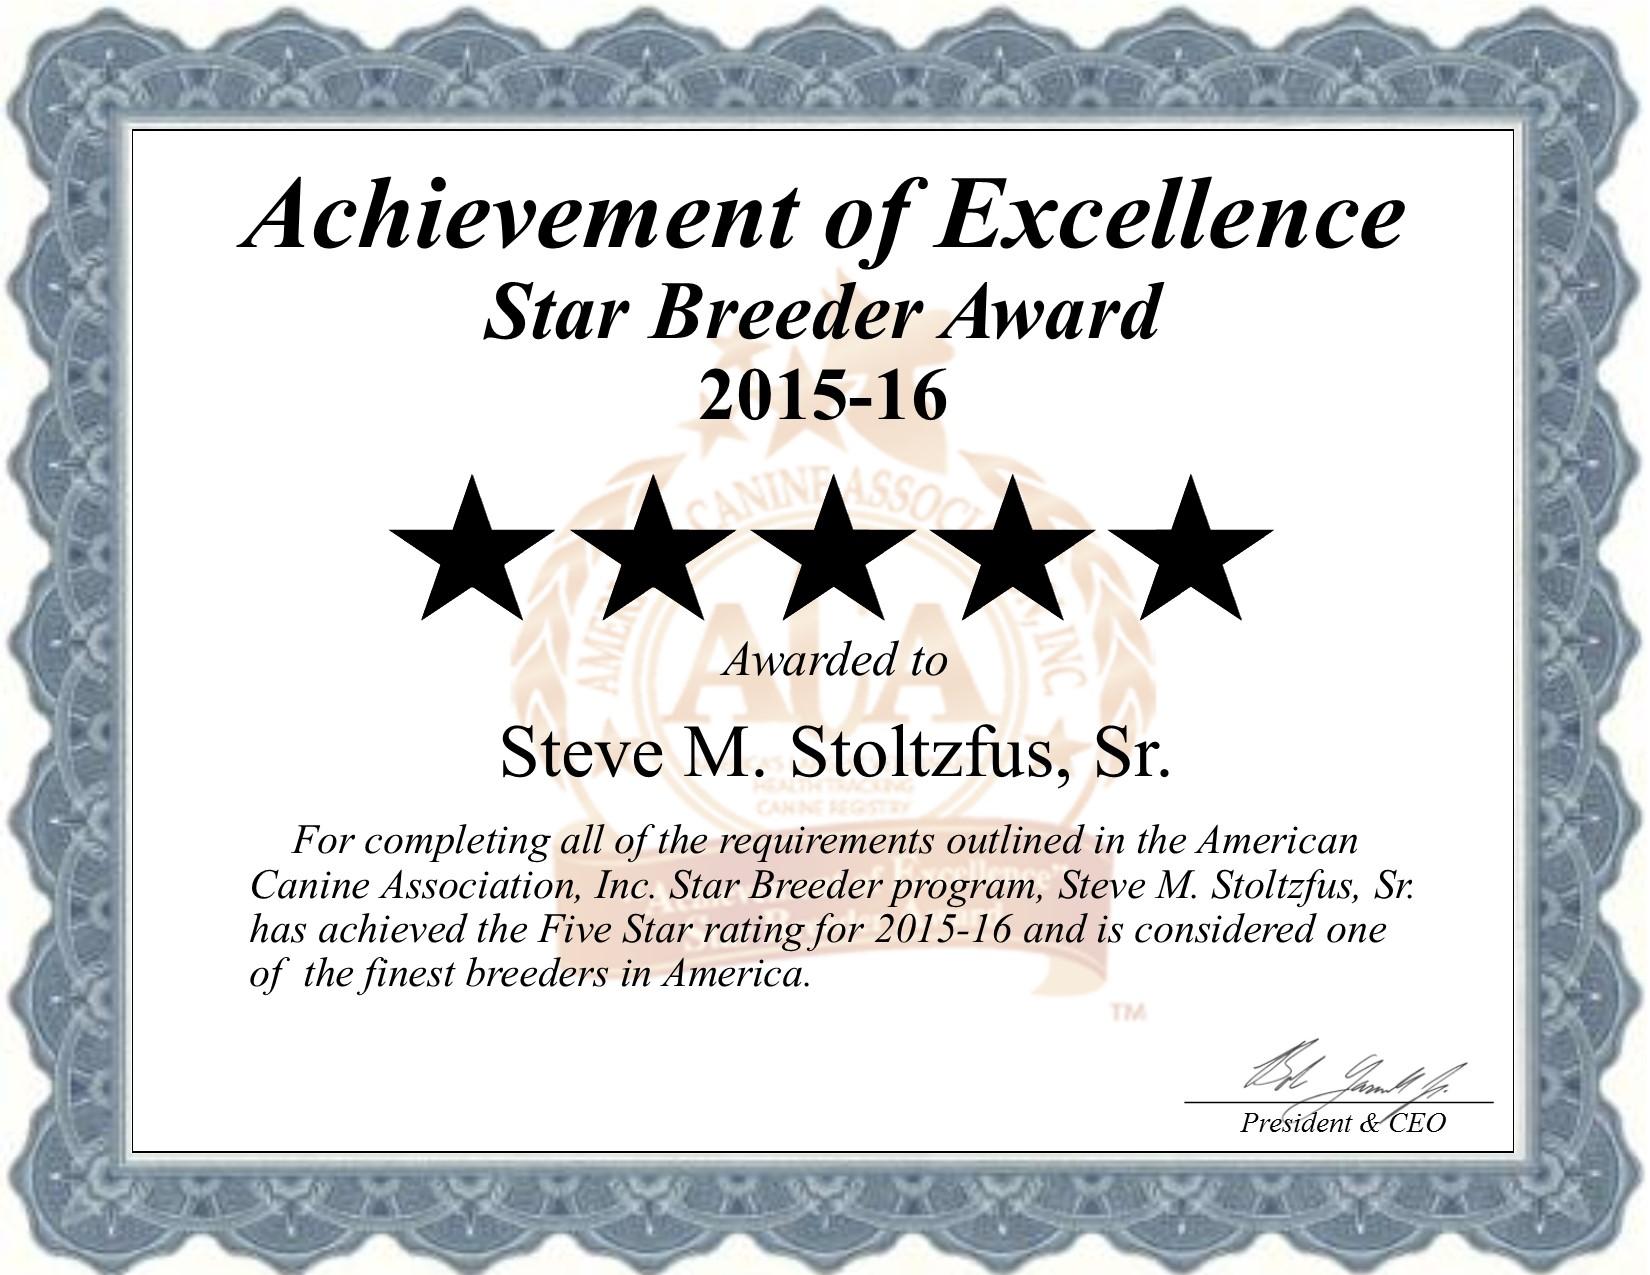 Steve, Stoltzfus, Steve Stoltzfus, Stoltzfus Kennel, breeder, star breeder, aca, star breeder, 5 star, Pennsylvania, pa, dog, puppy, puppies, dog breeder, dog breeders, pennsylvania breeder, Steve Stoltzfus dog breeder